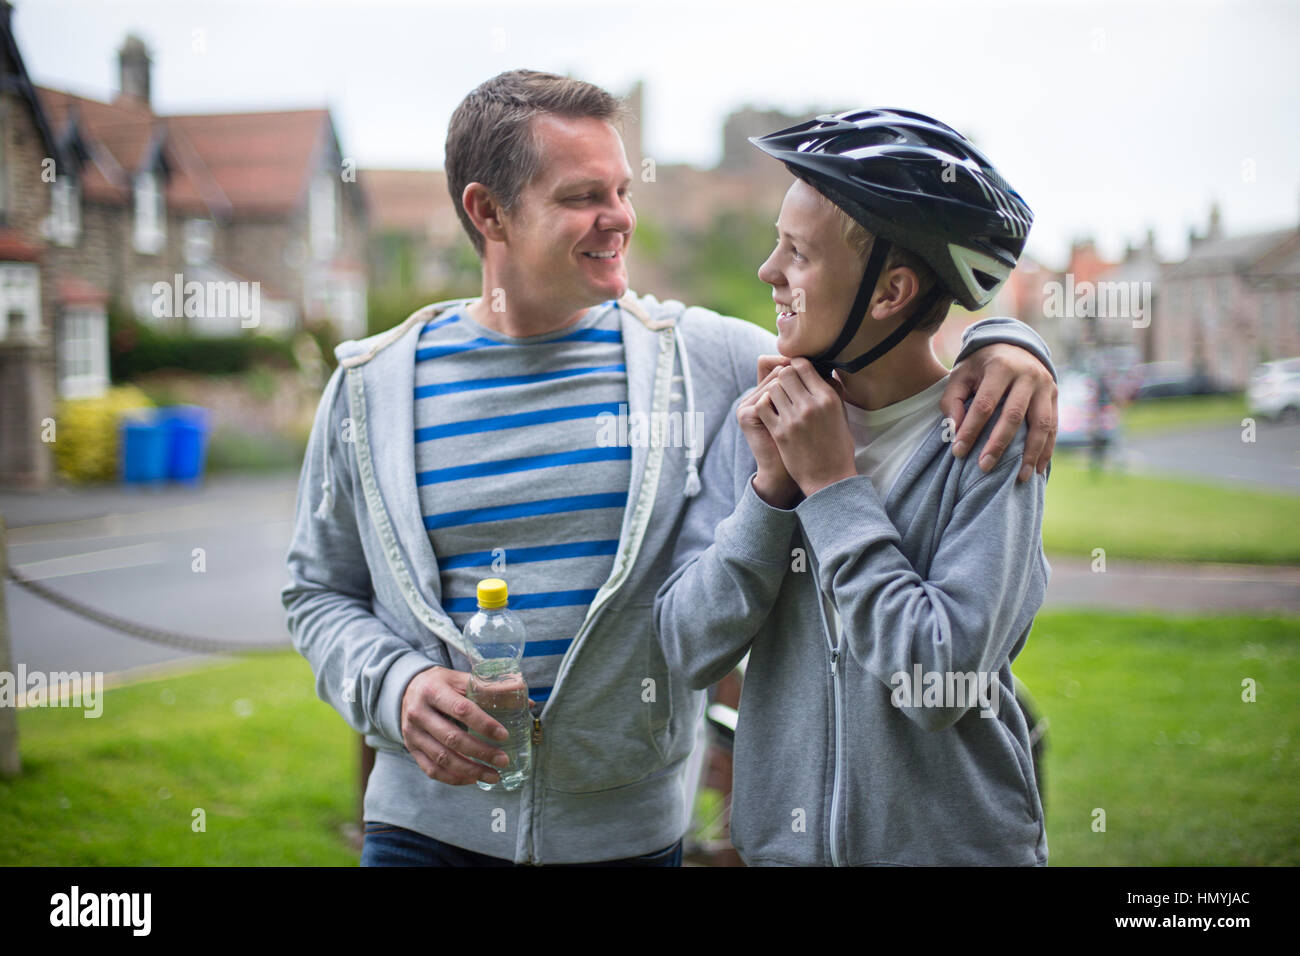 Père et Fils se préparer pour leur vélo. Le père a son bras autour de son fils et de sourire Photo Stock